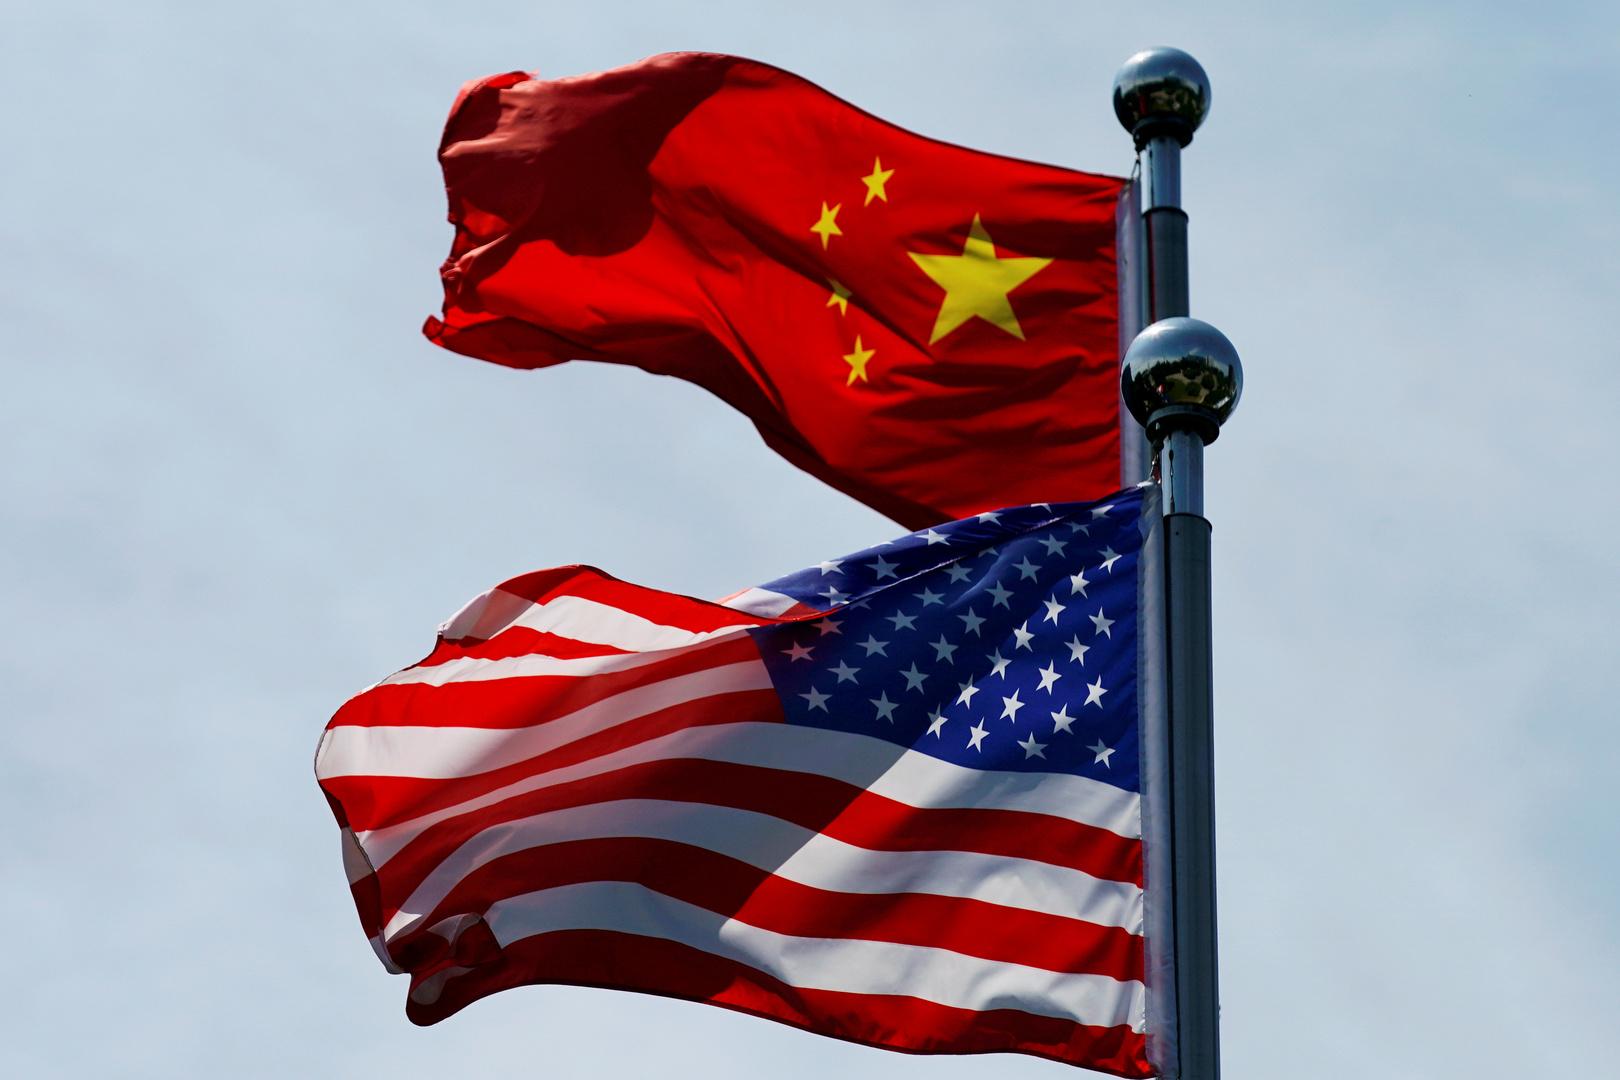 الصين ترفض وتستنكر البيان المشترك الصادر عن الولايات المتحدة والاتحاد الأوروبي بحقها